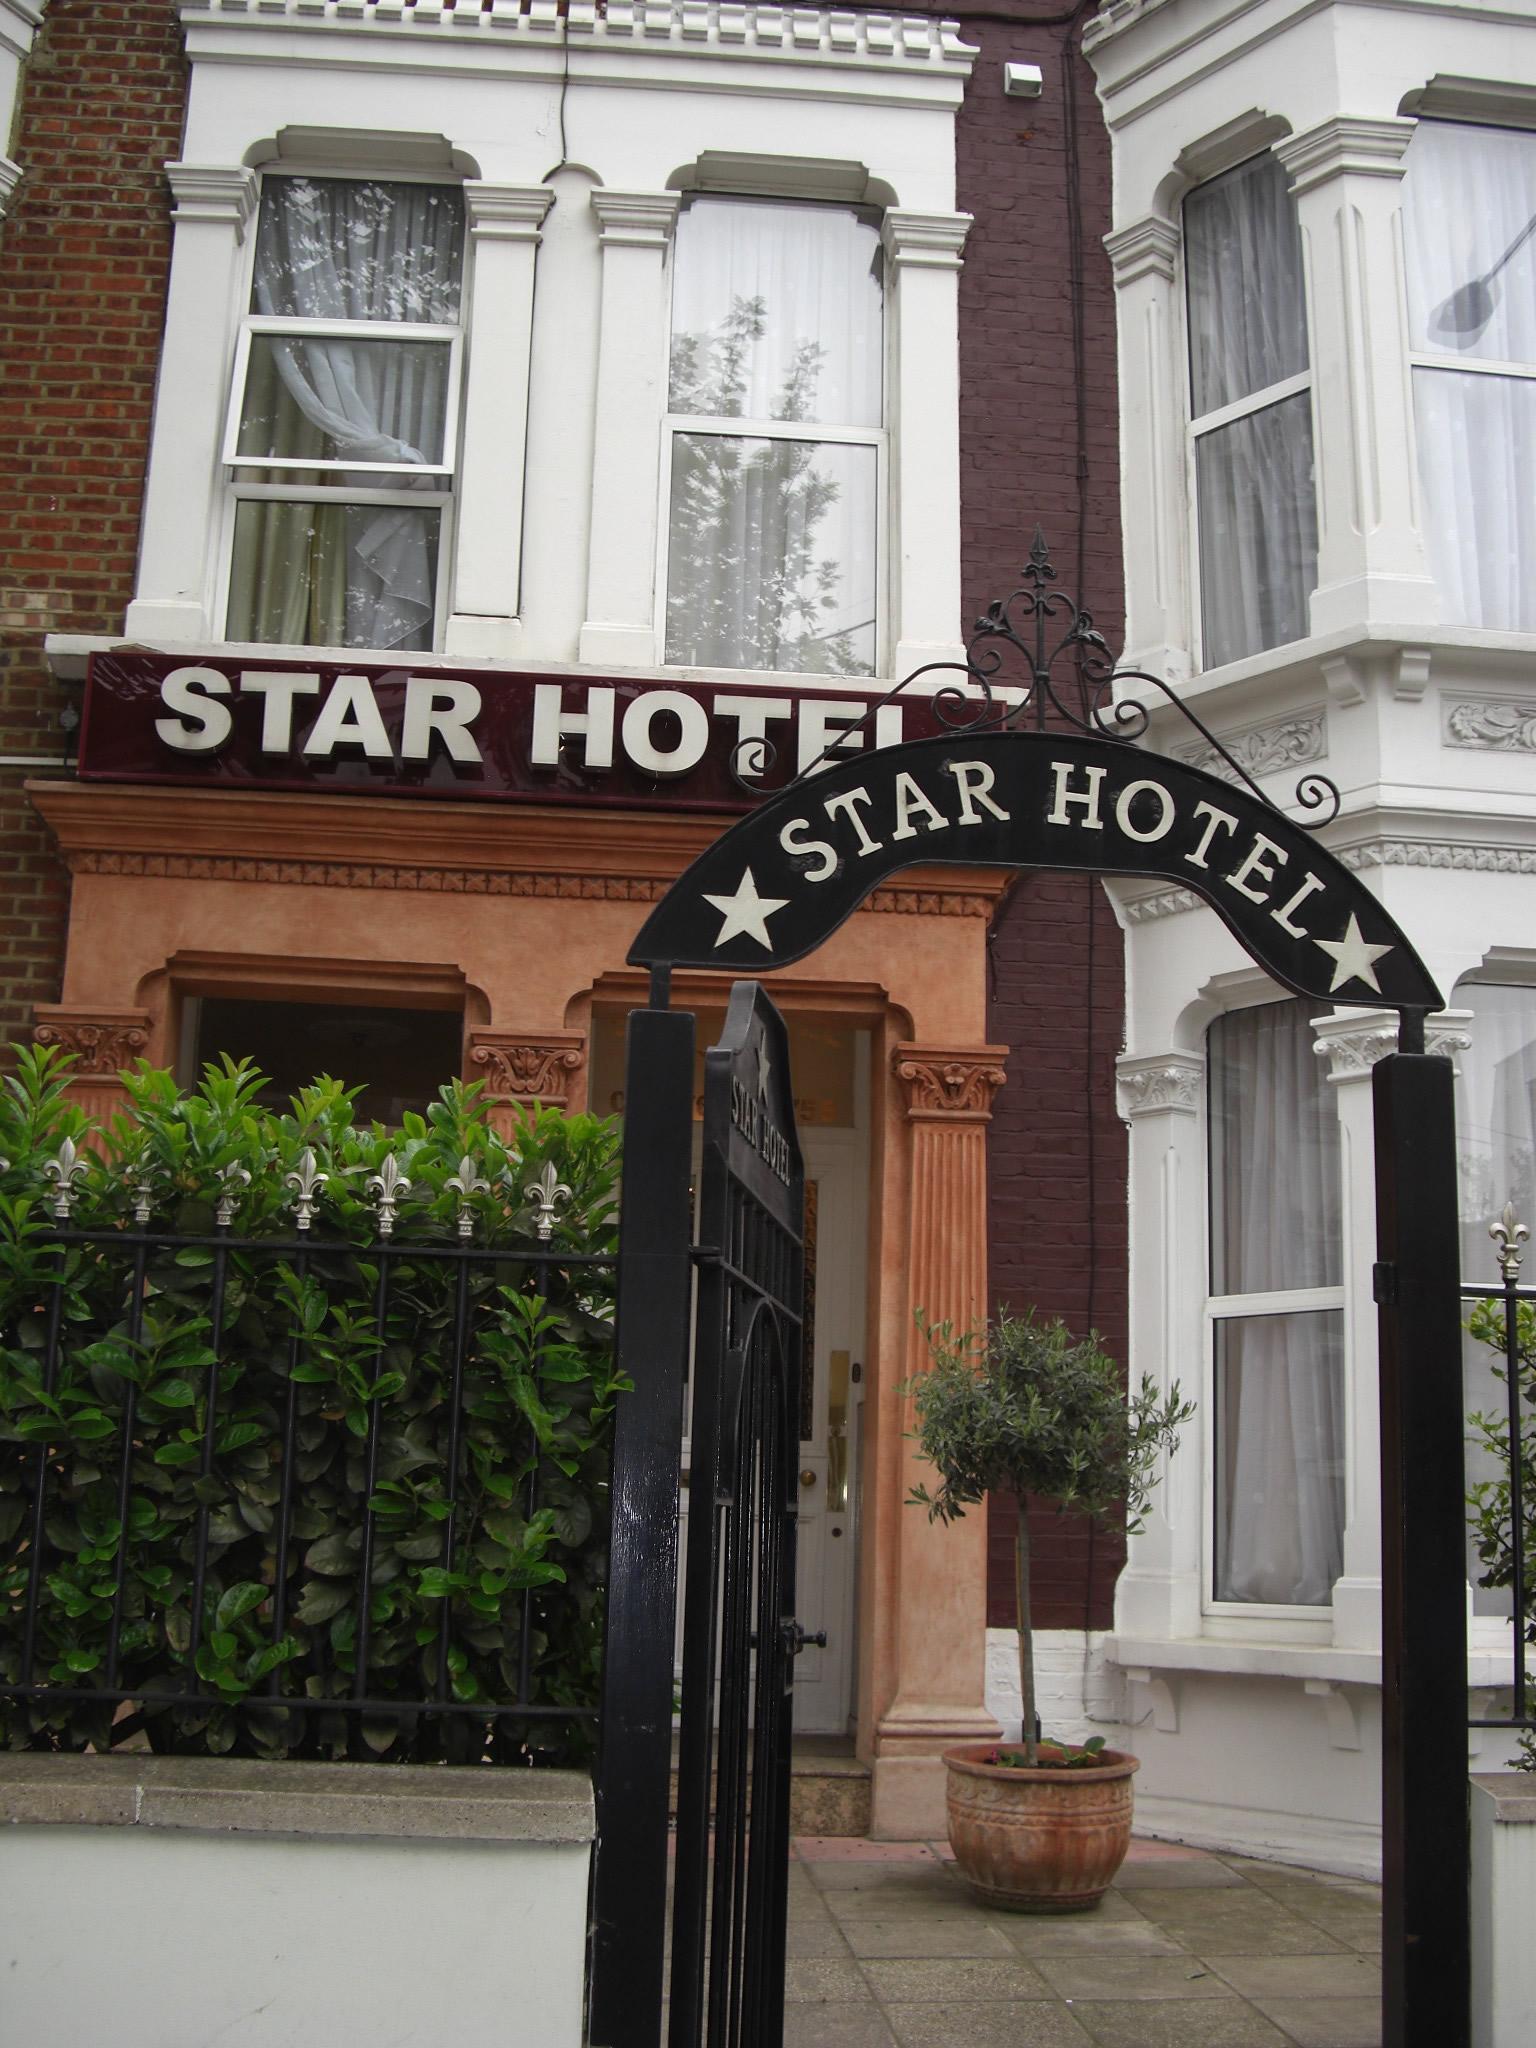 Star Hotel B&B